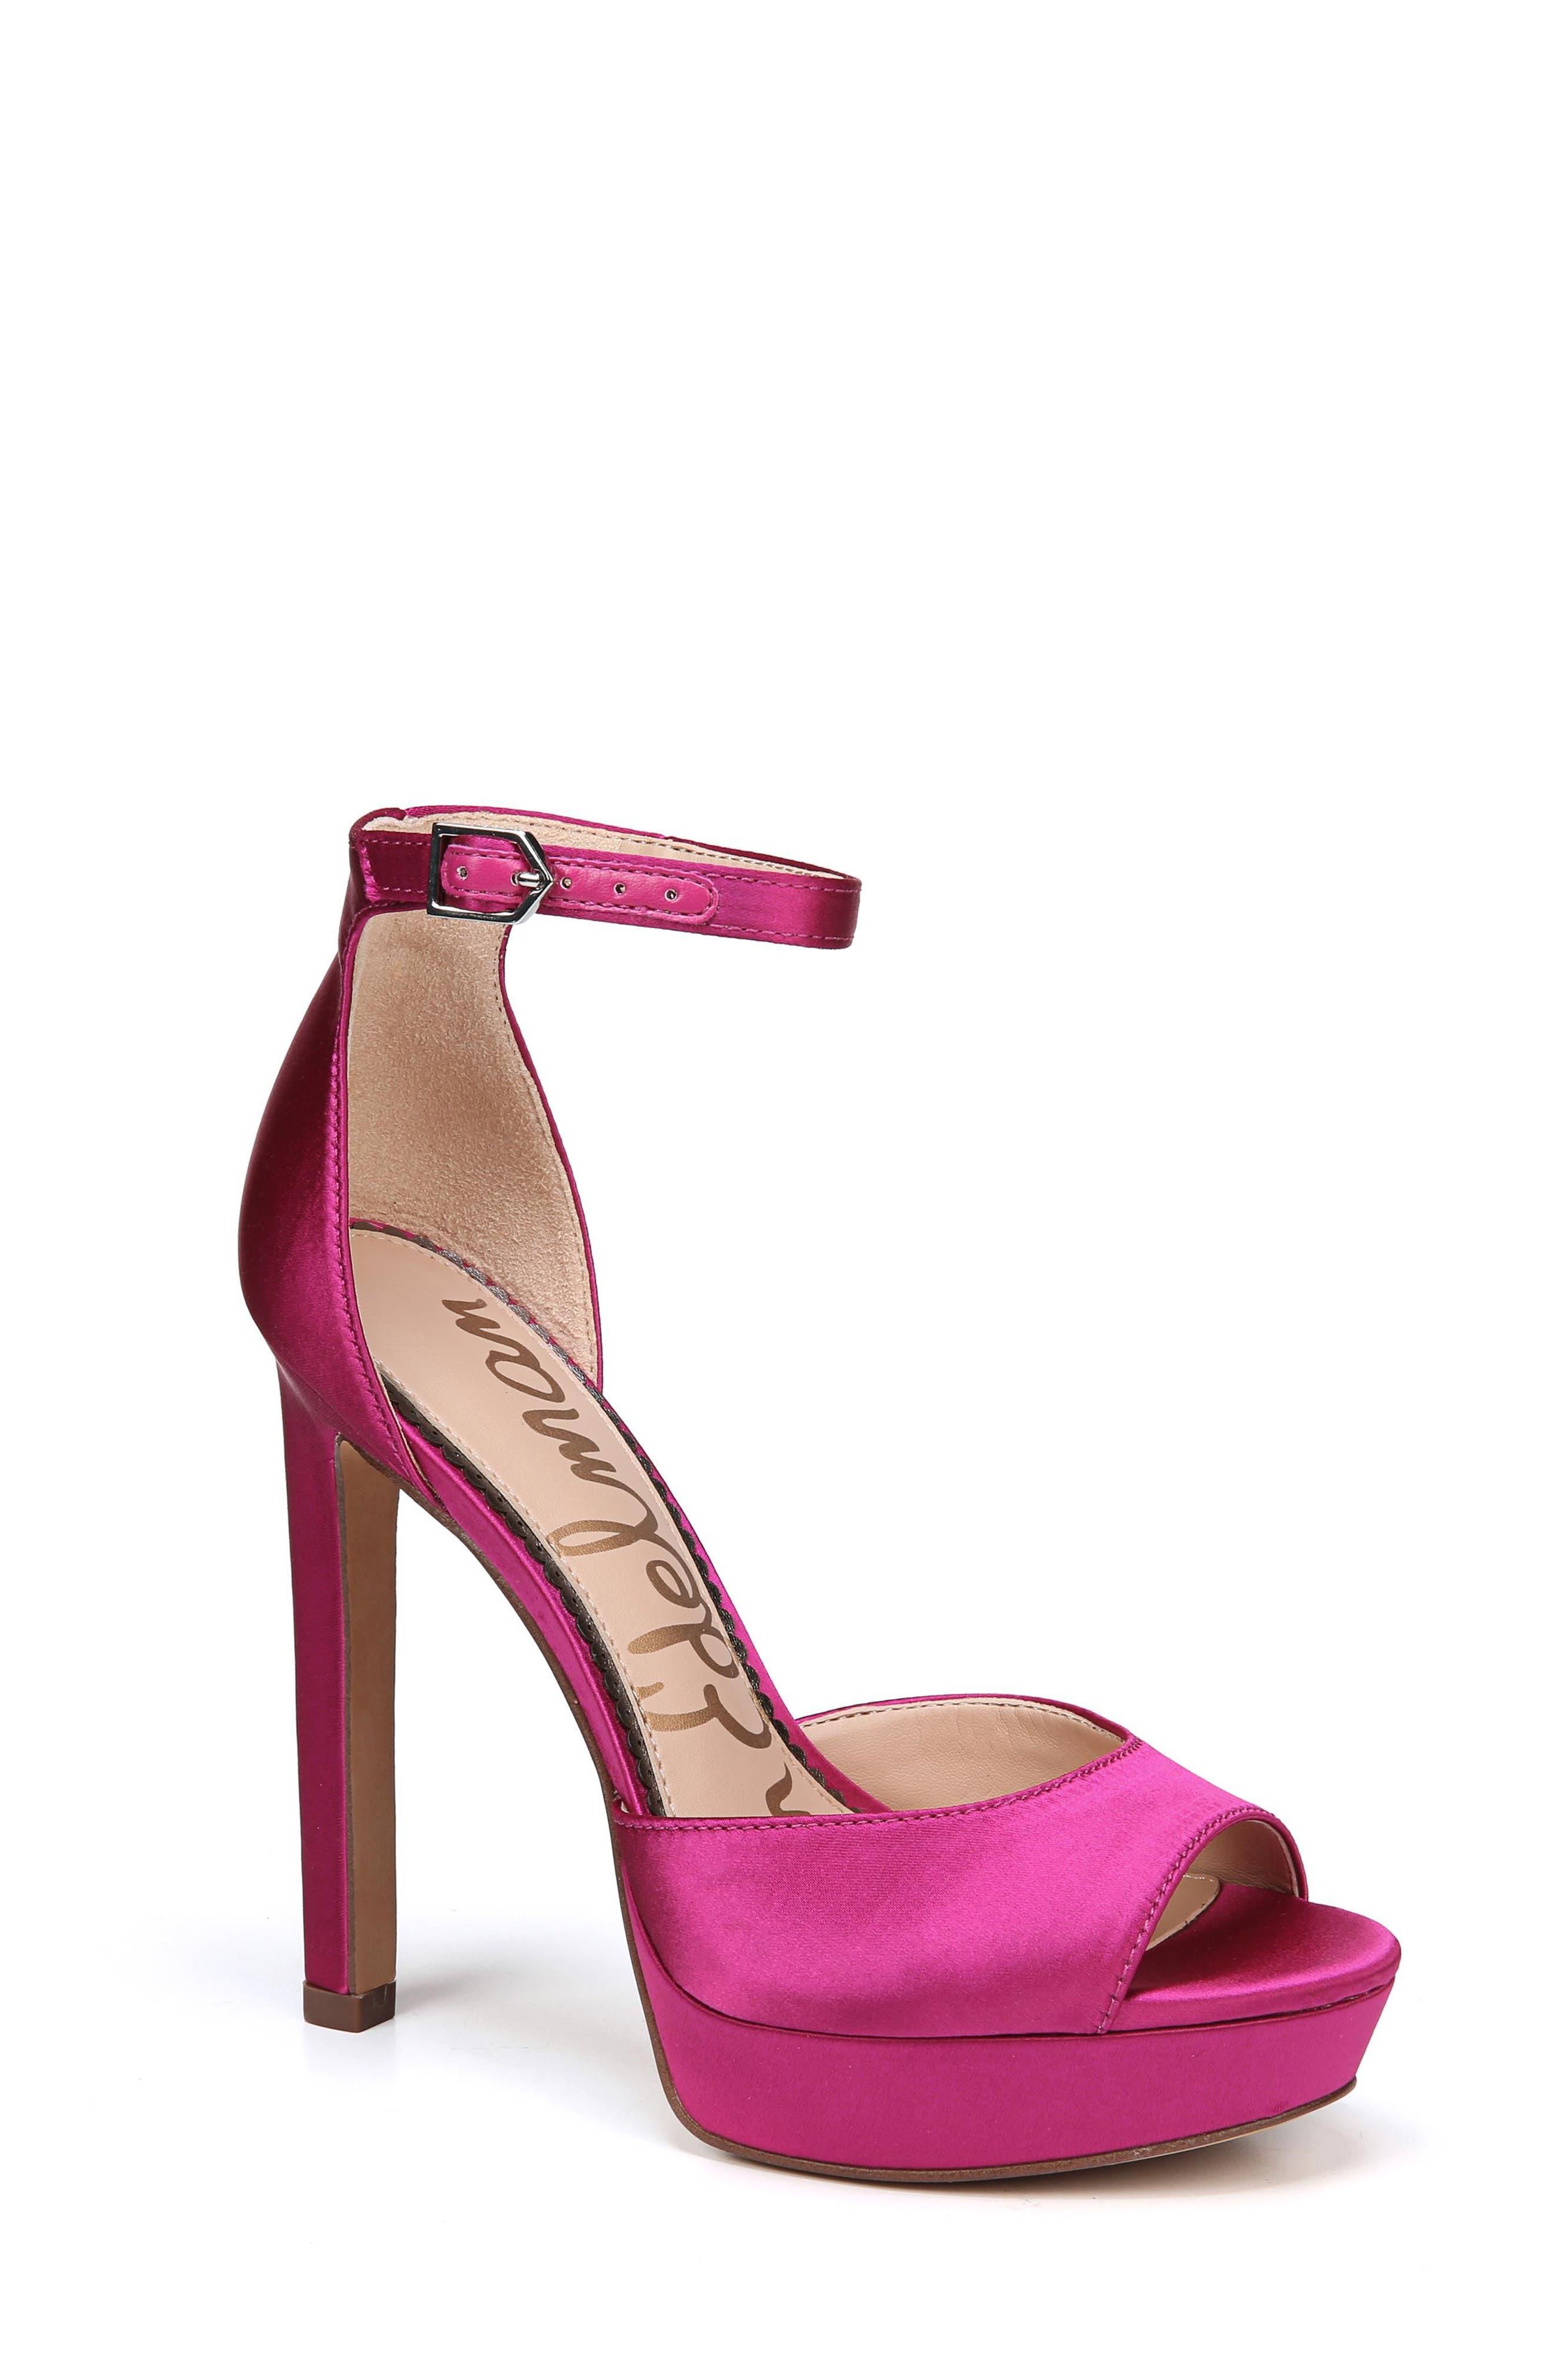 Platform Heels & High-Heel Shoes for Women | Nordstrom